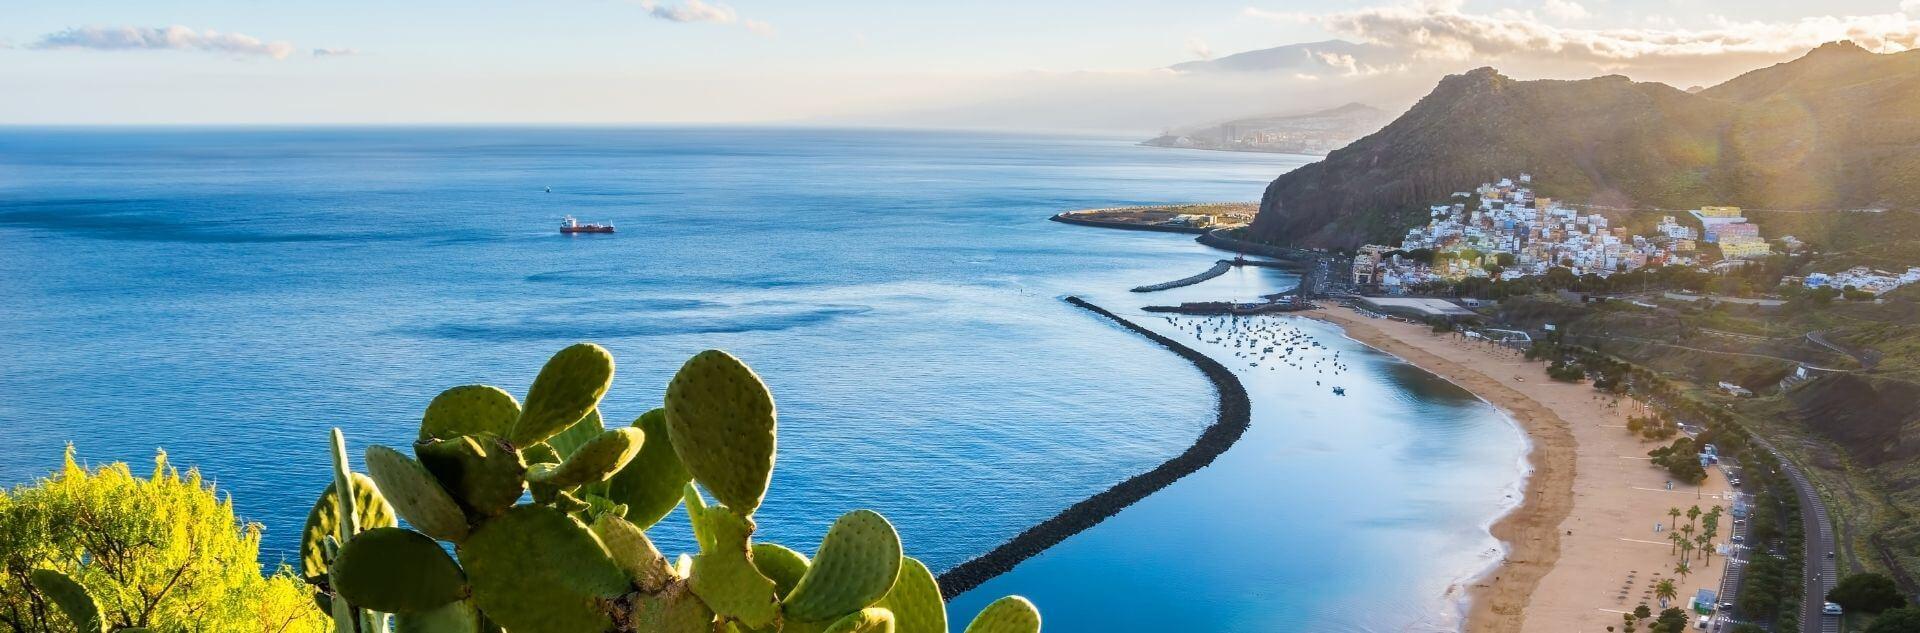 Meer und Strand von Teneriffa